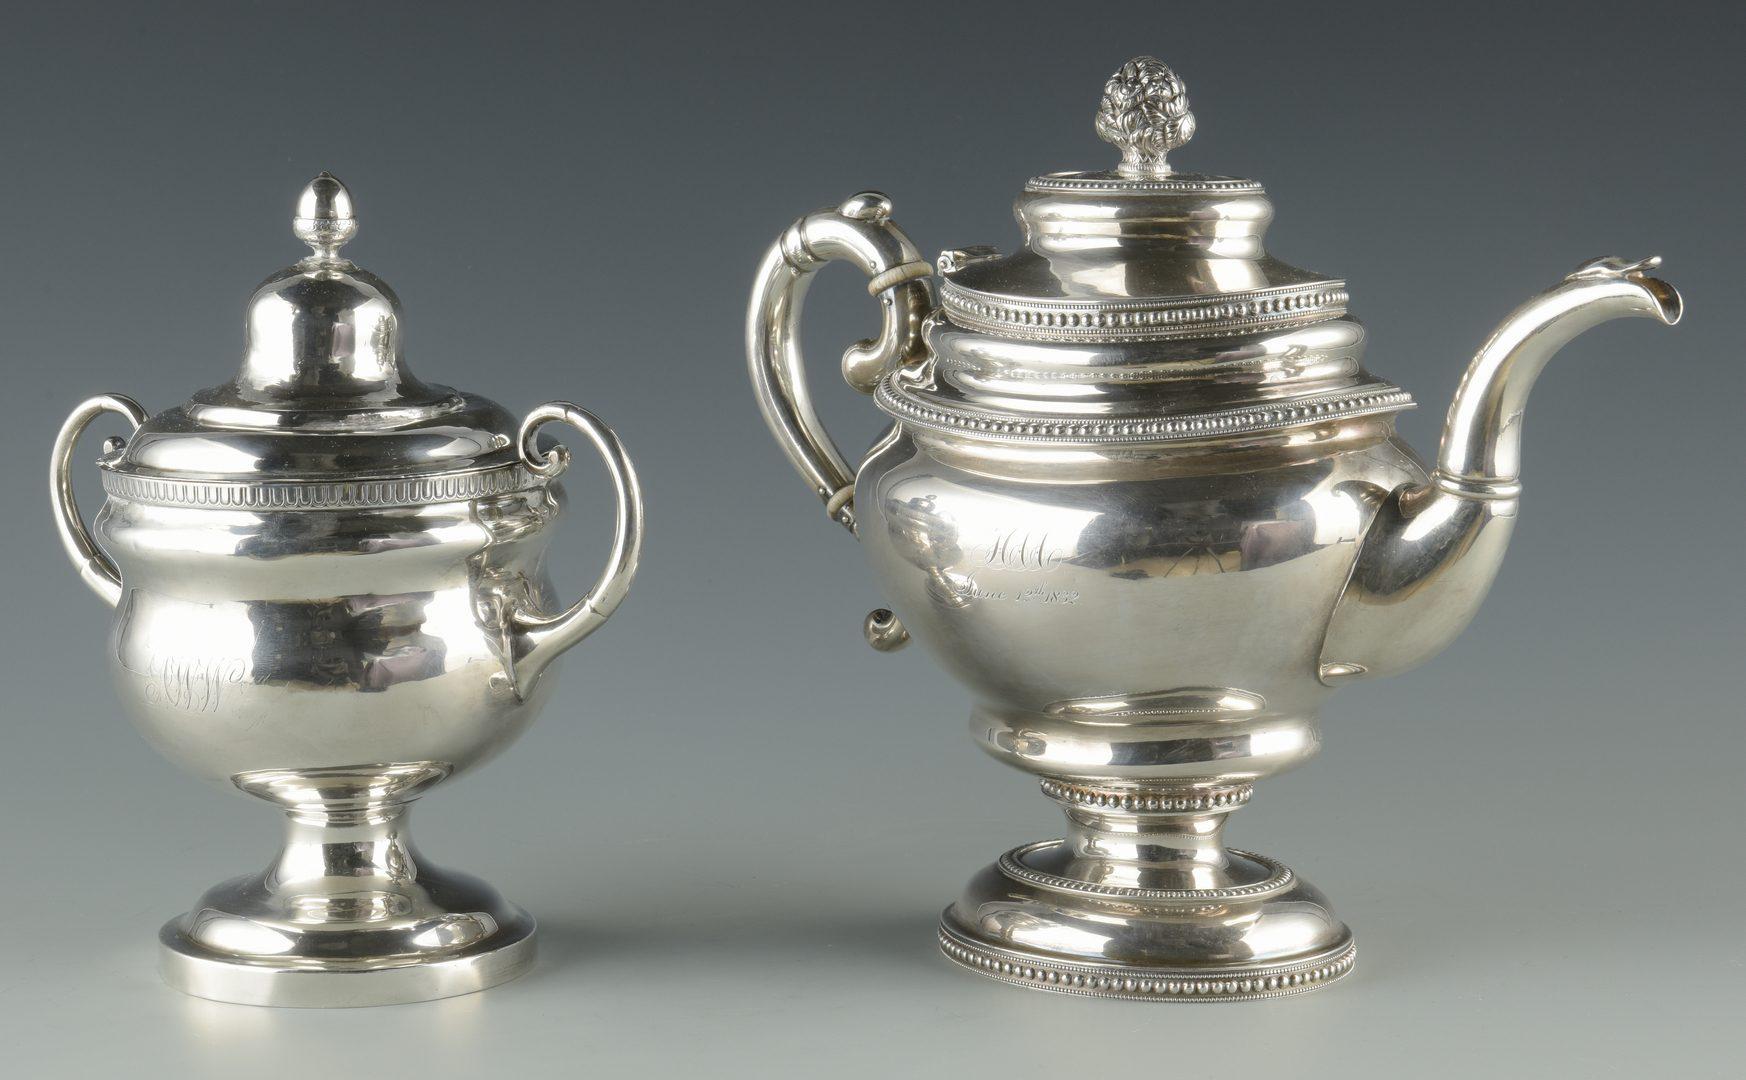 Lot 355: Silver Teapot and sugar bowl